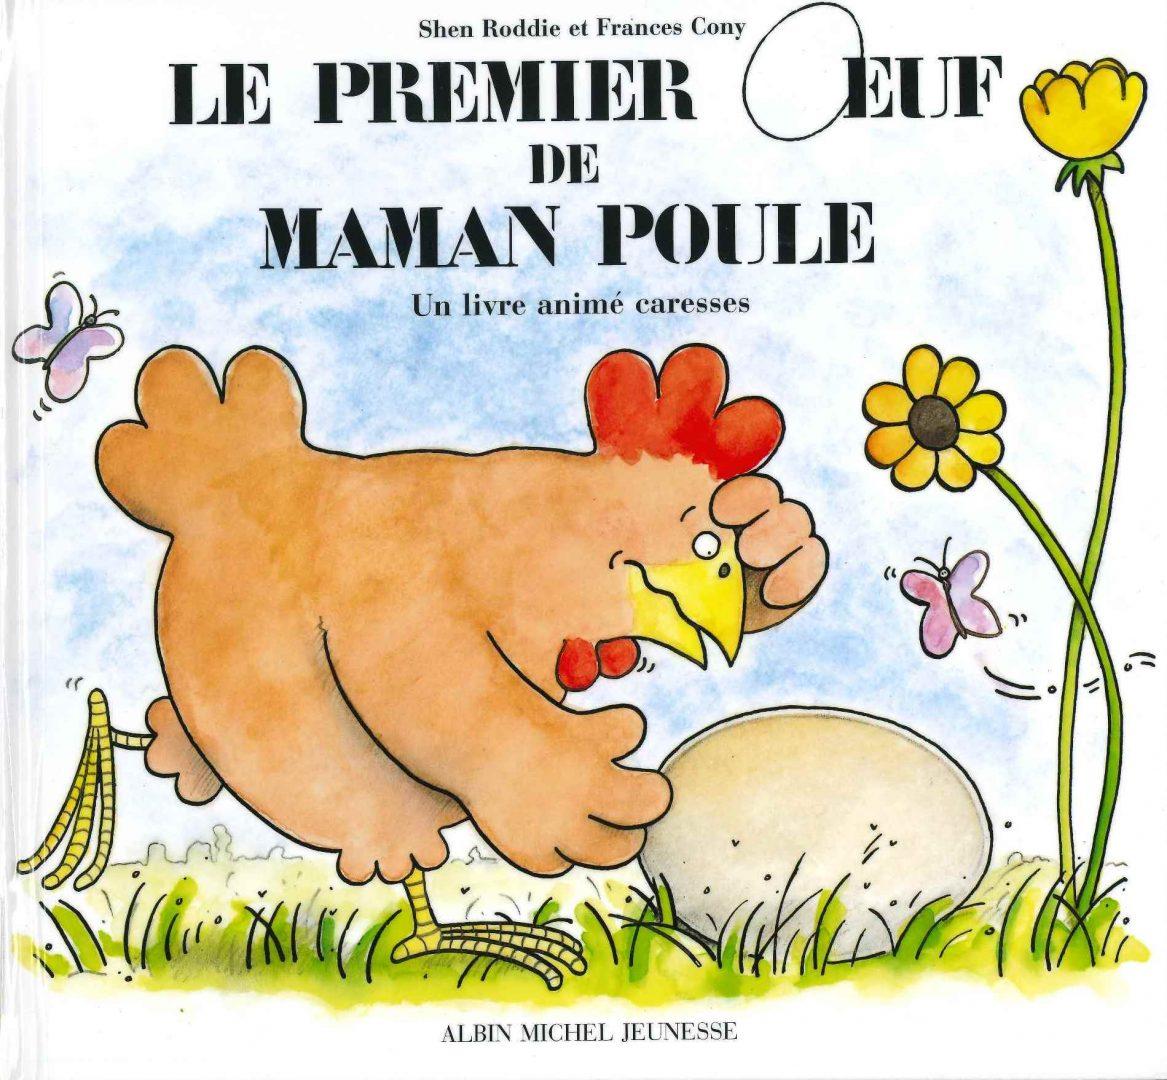 Le premier œuf de maman Poule (Shen Roddie)